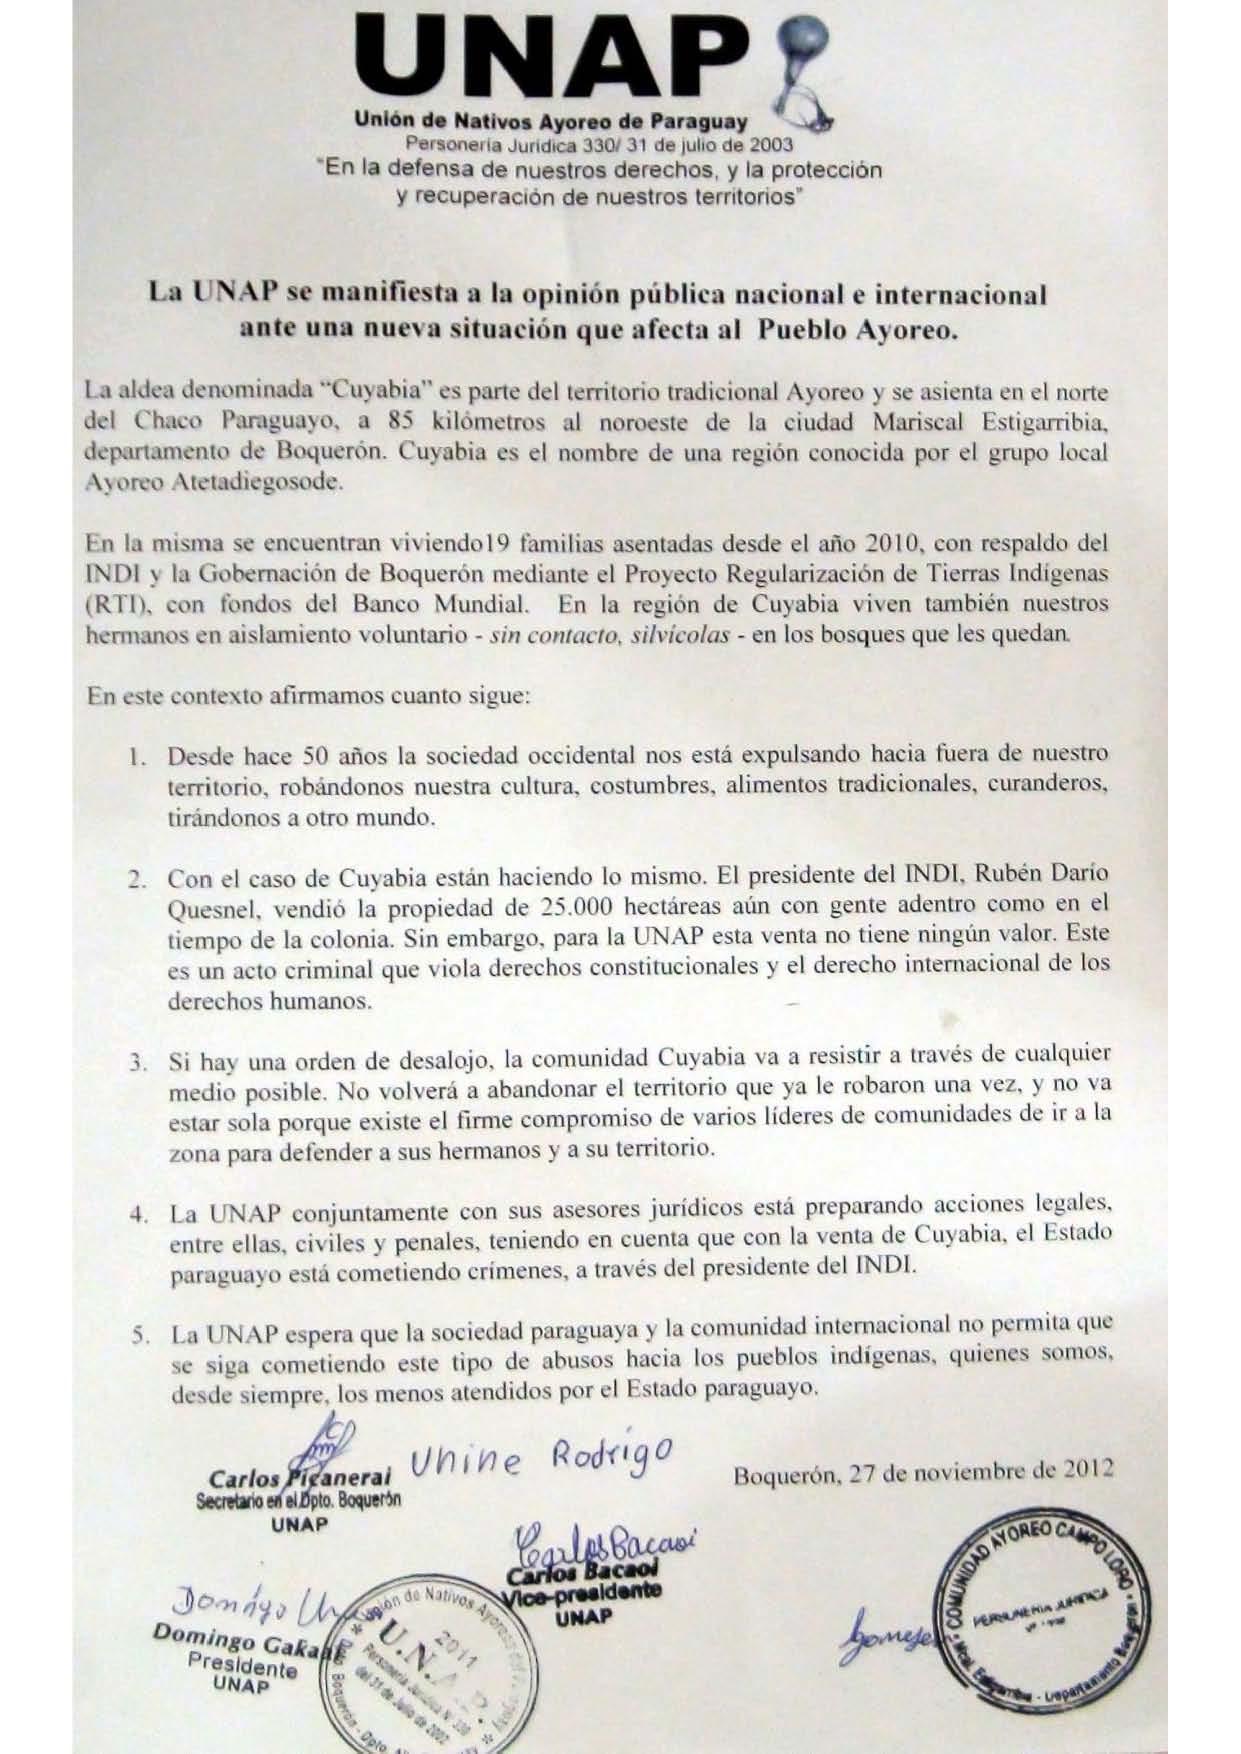 La Unión de Nativos Ayoreo de Paraguay se Manifiesta Ante una Nueva Situación que Afecta al Pueblos Ayoreo